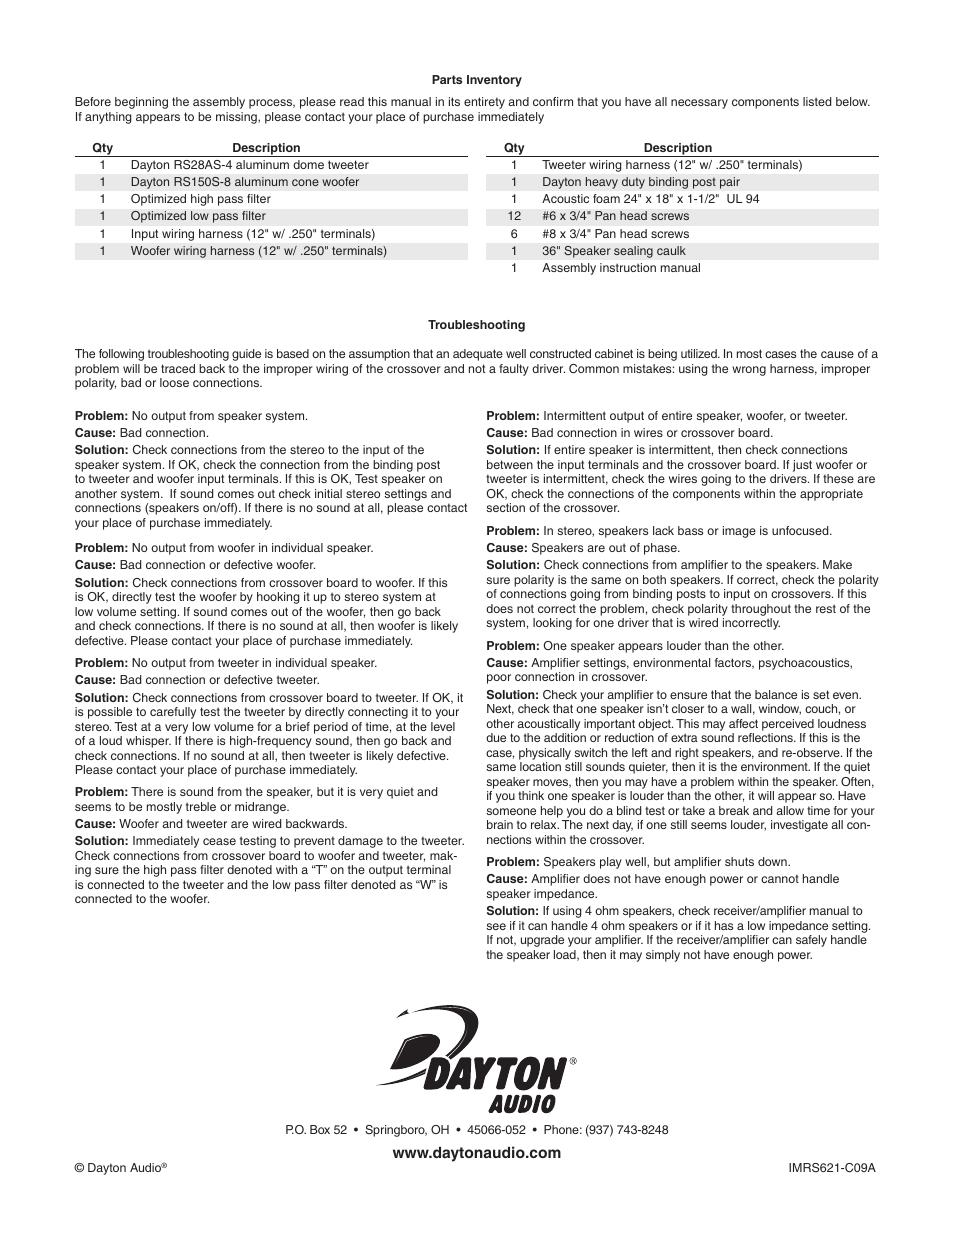 Dayton Audio Rs621 Speaker Kit W User Manual Page 2 Original Wiring Harness Optimization